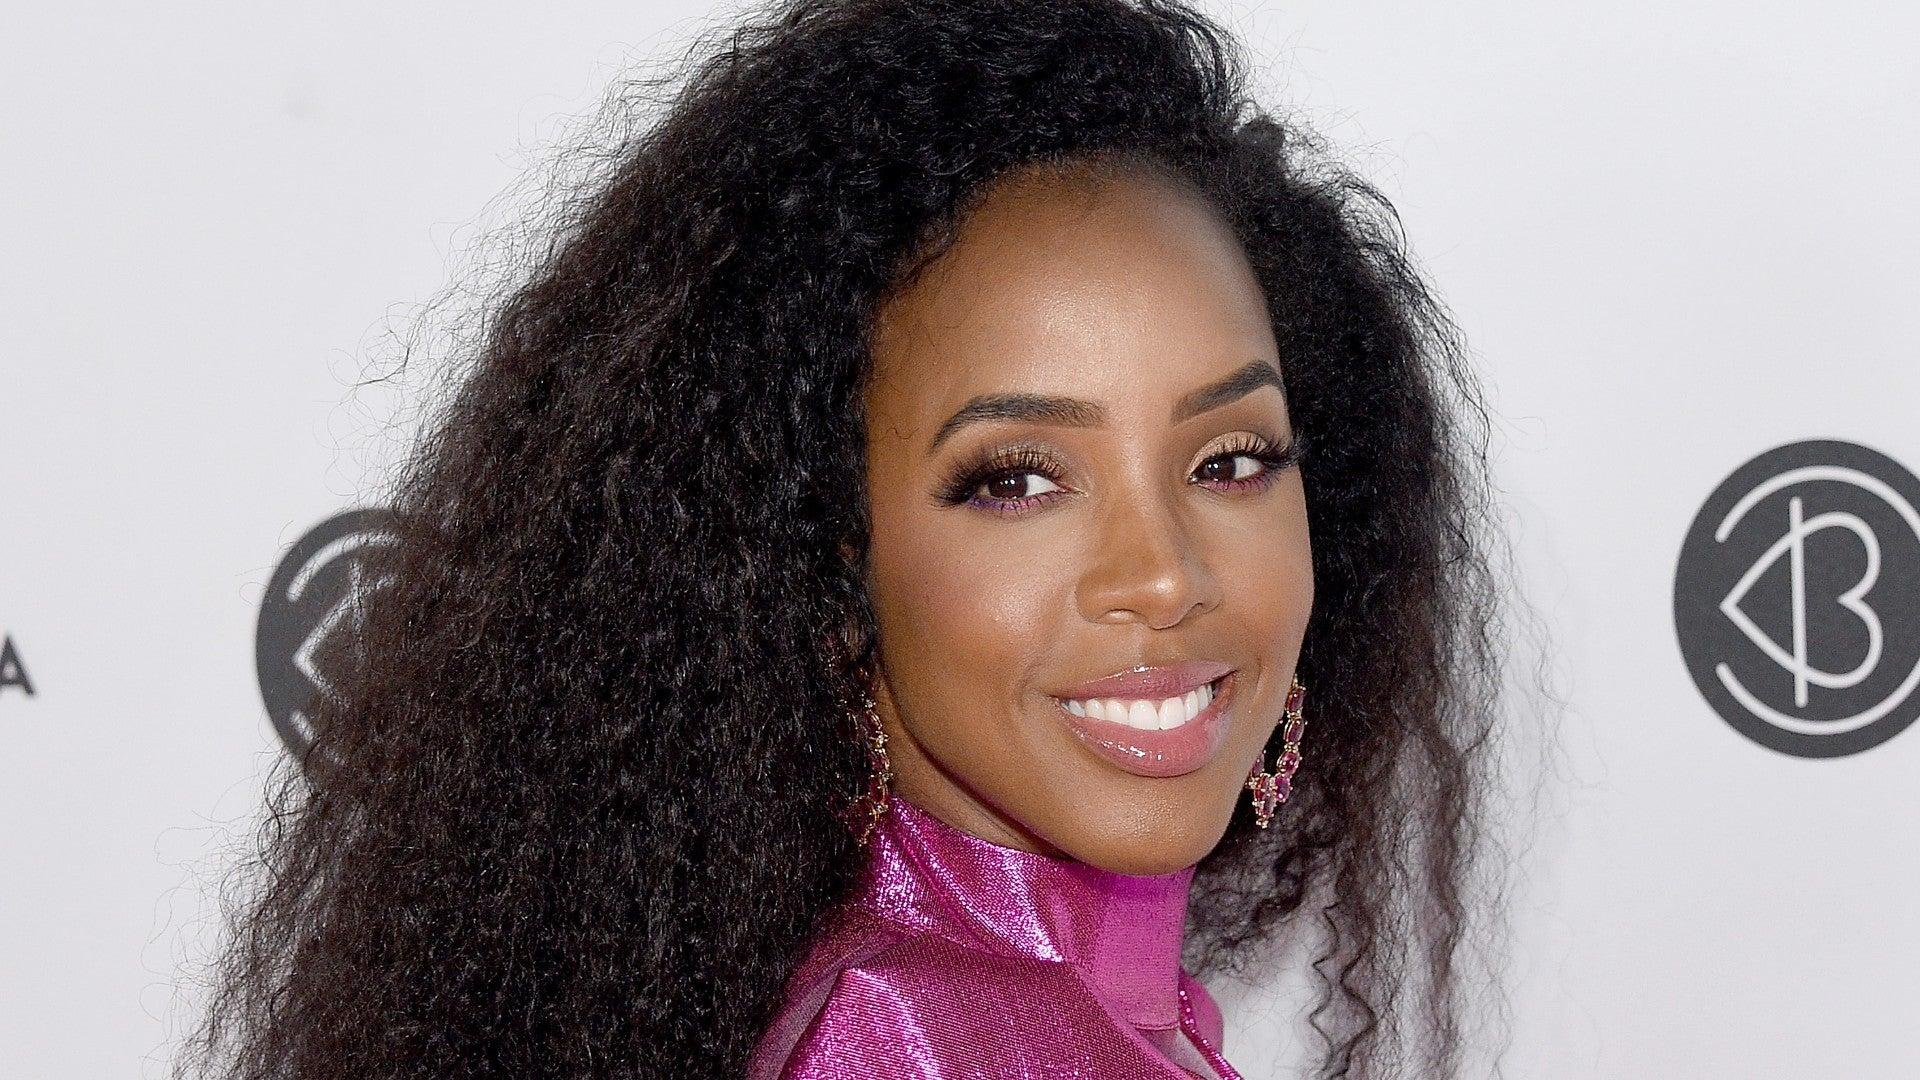 The Best Beauty Looks From Beautycon LA 2019